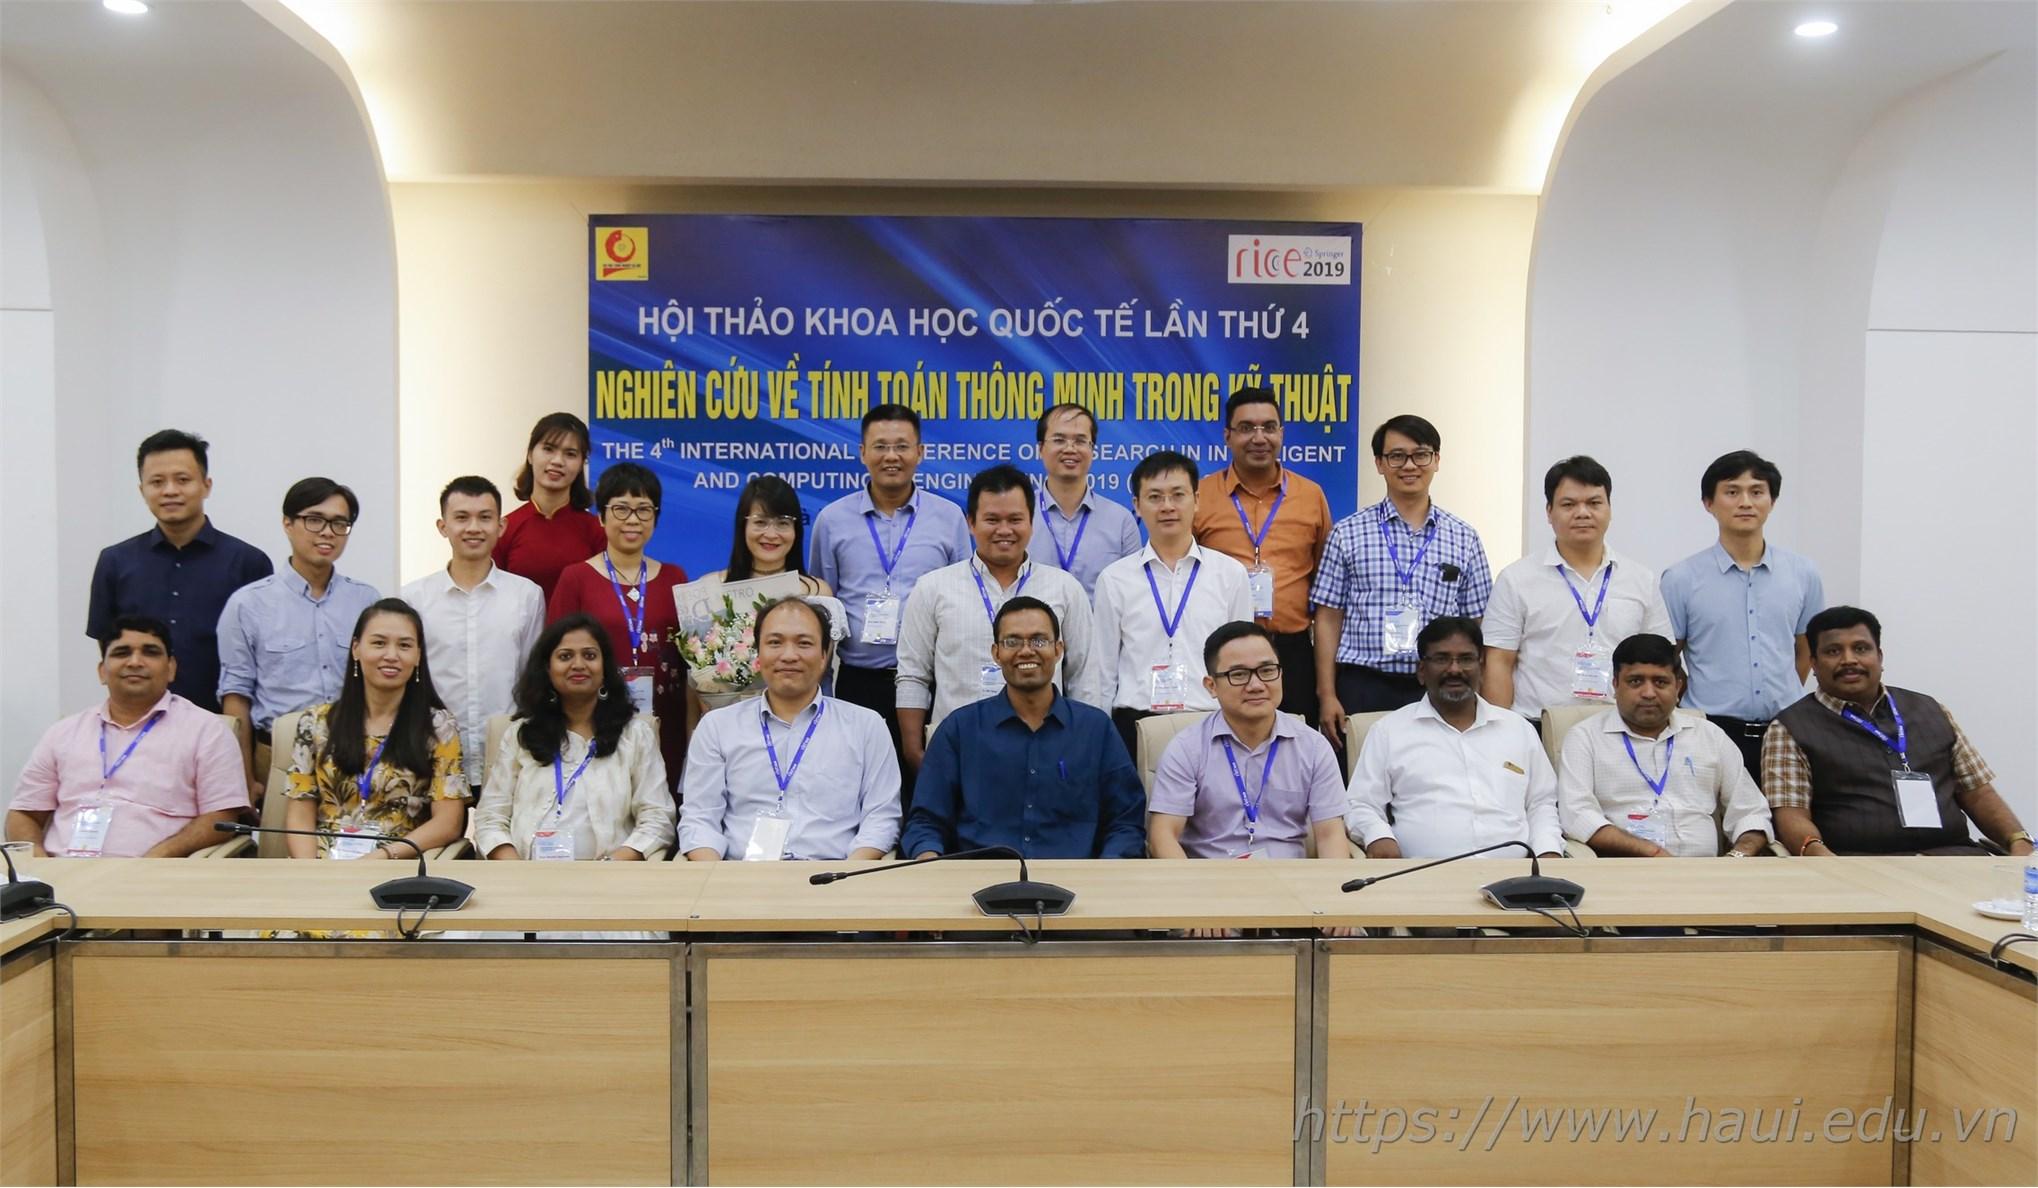 Hội thảo khoa học quốc tế lần thứ 4 Nghiên cứu về tính toán thông minh trong kỹ thuật (RICE 2019)